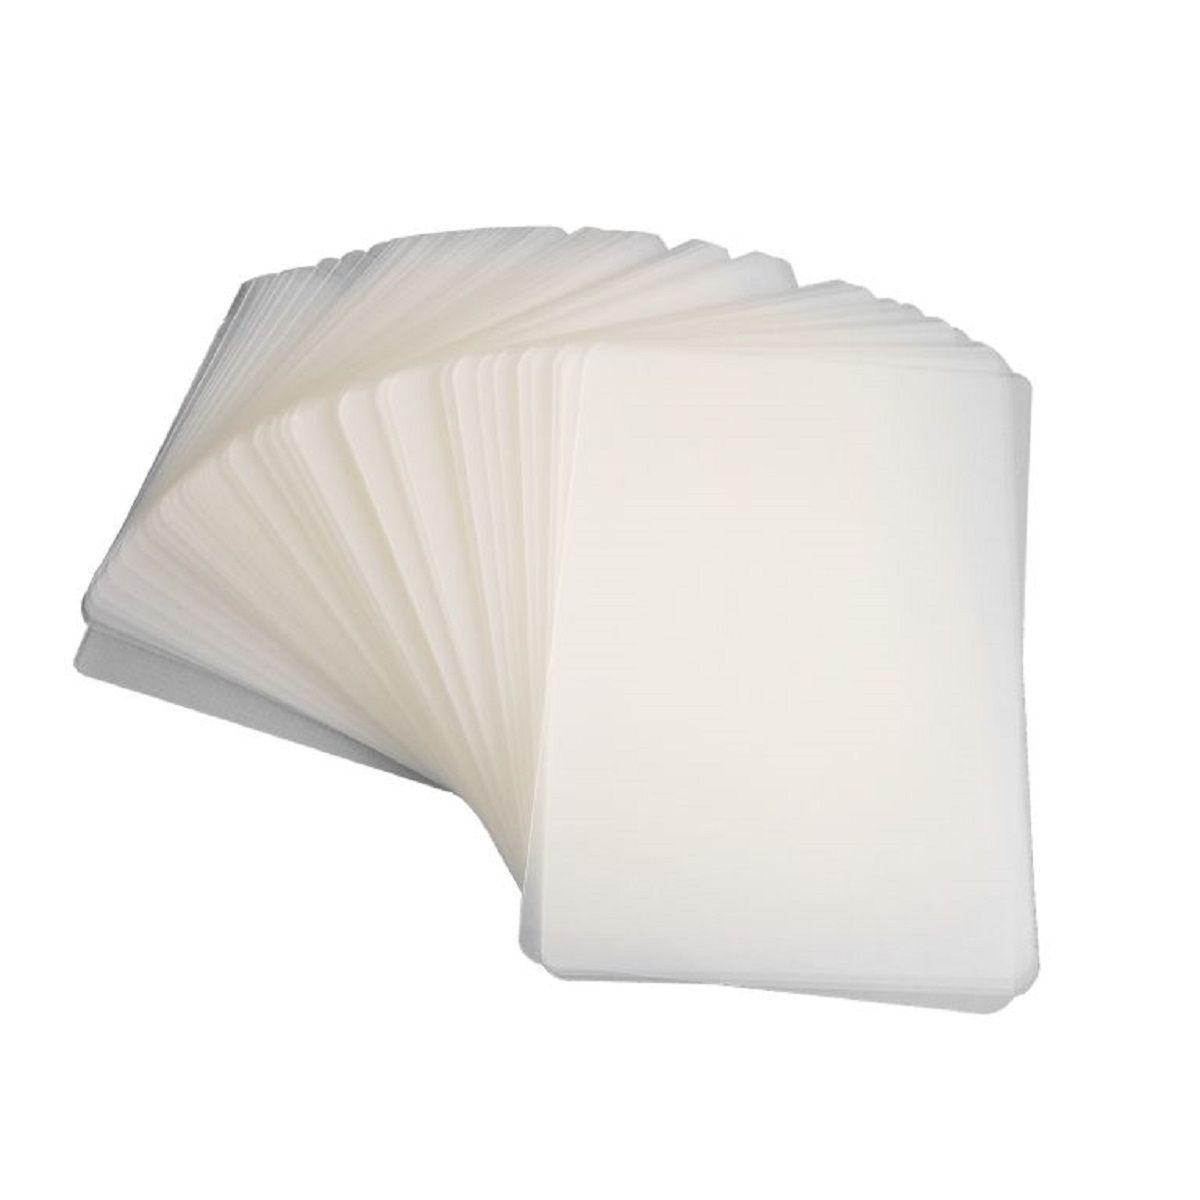 Polaseal para Plastificação CNPJ 121x191x0,10mm (250 micras) - Pacote com 20 Plásticos  - Click Suprimentos